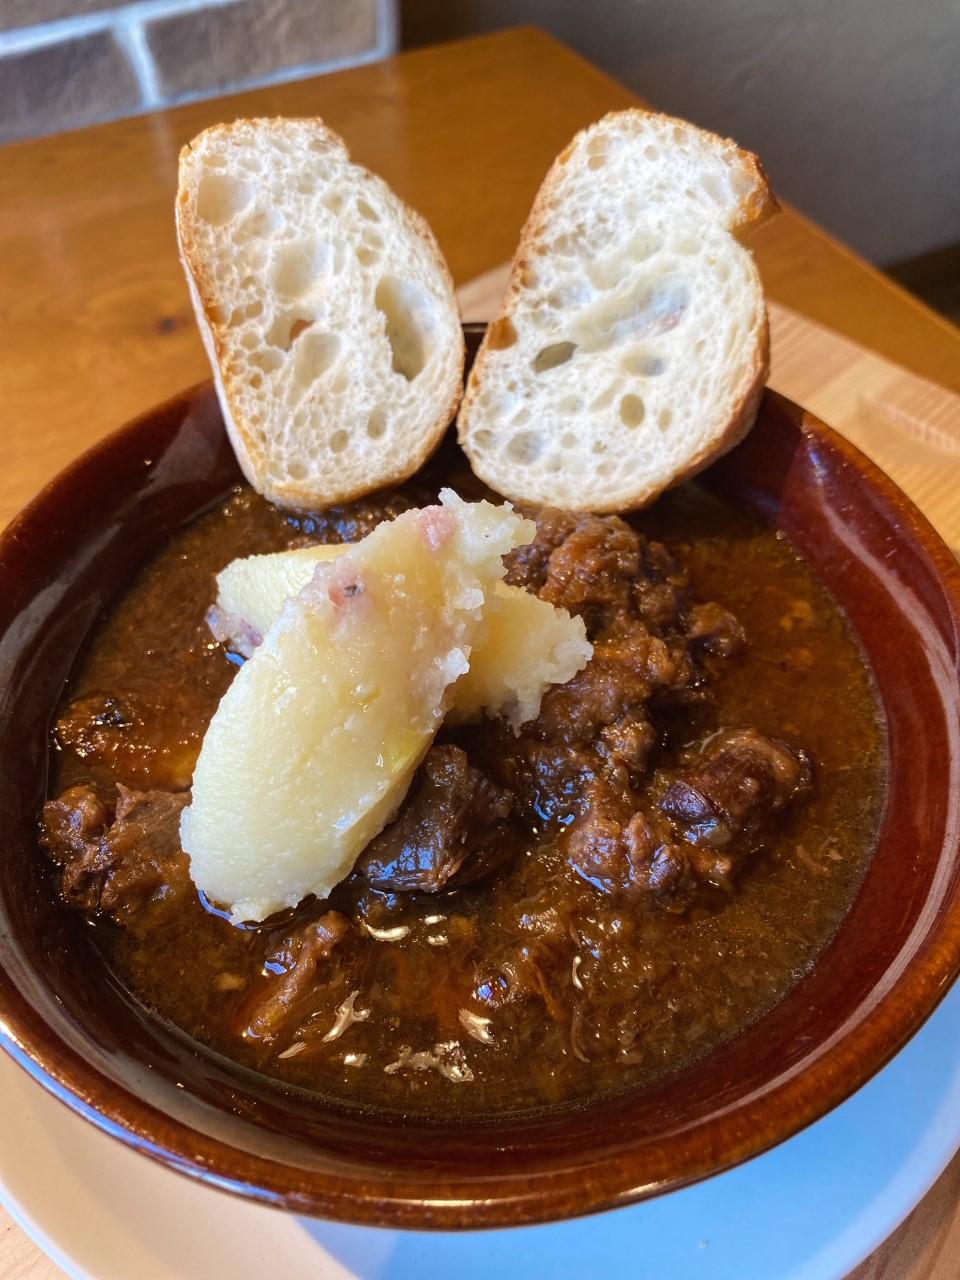 チョンチャ (お肉の3倍赤玉ねぎを使った牛テイルと牛ほほ肉の煮込み)